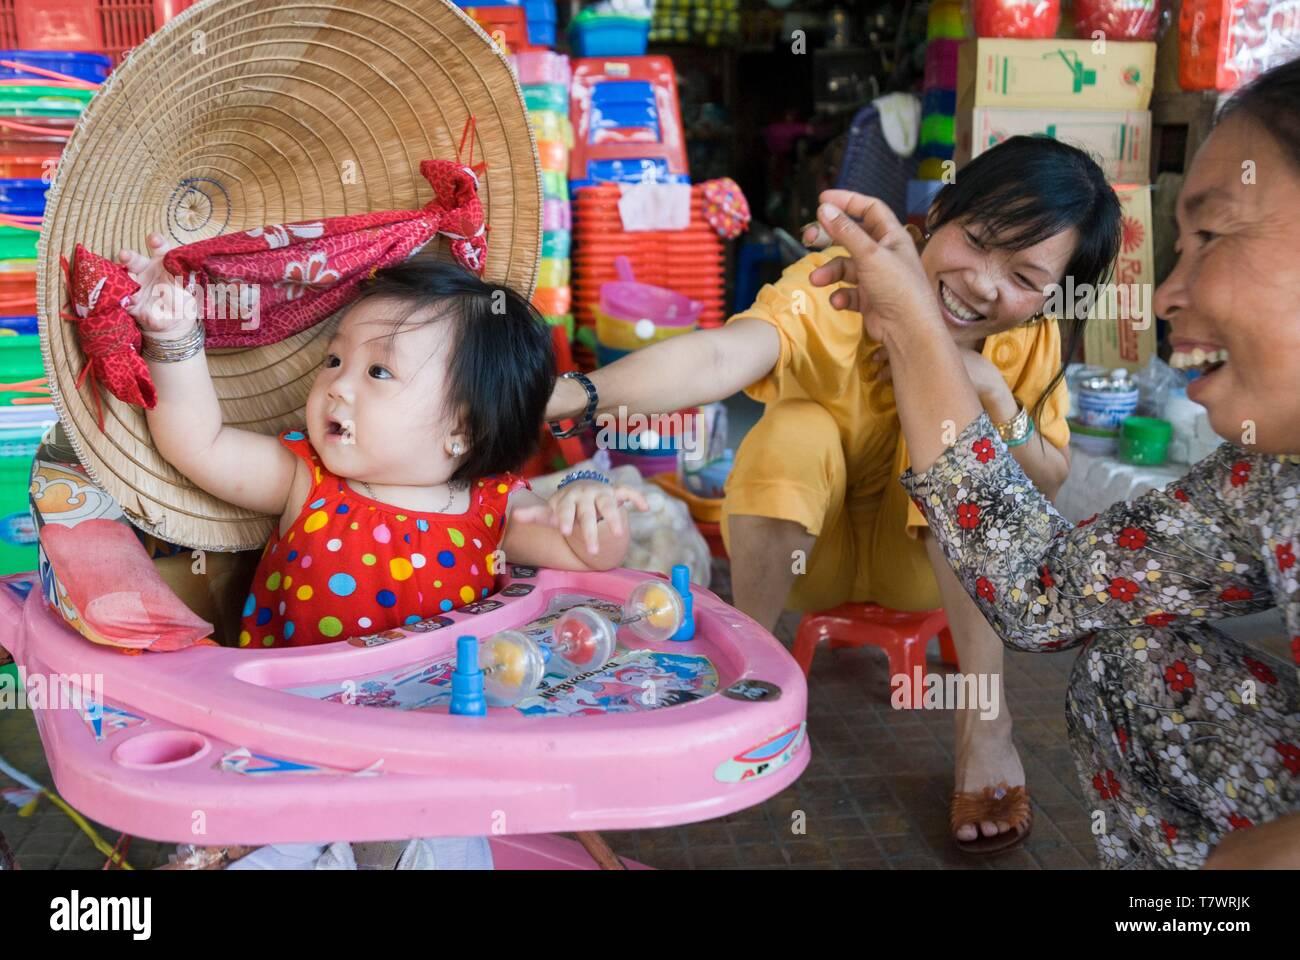 Vietnam, Dong Thap Province, Mekong Delta Region, Sa Dec, Sa Dec Market - Stock Image